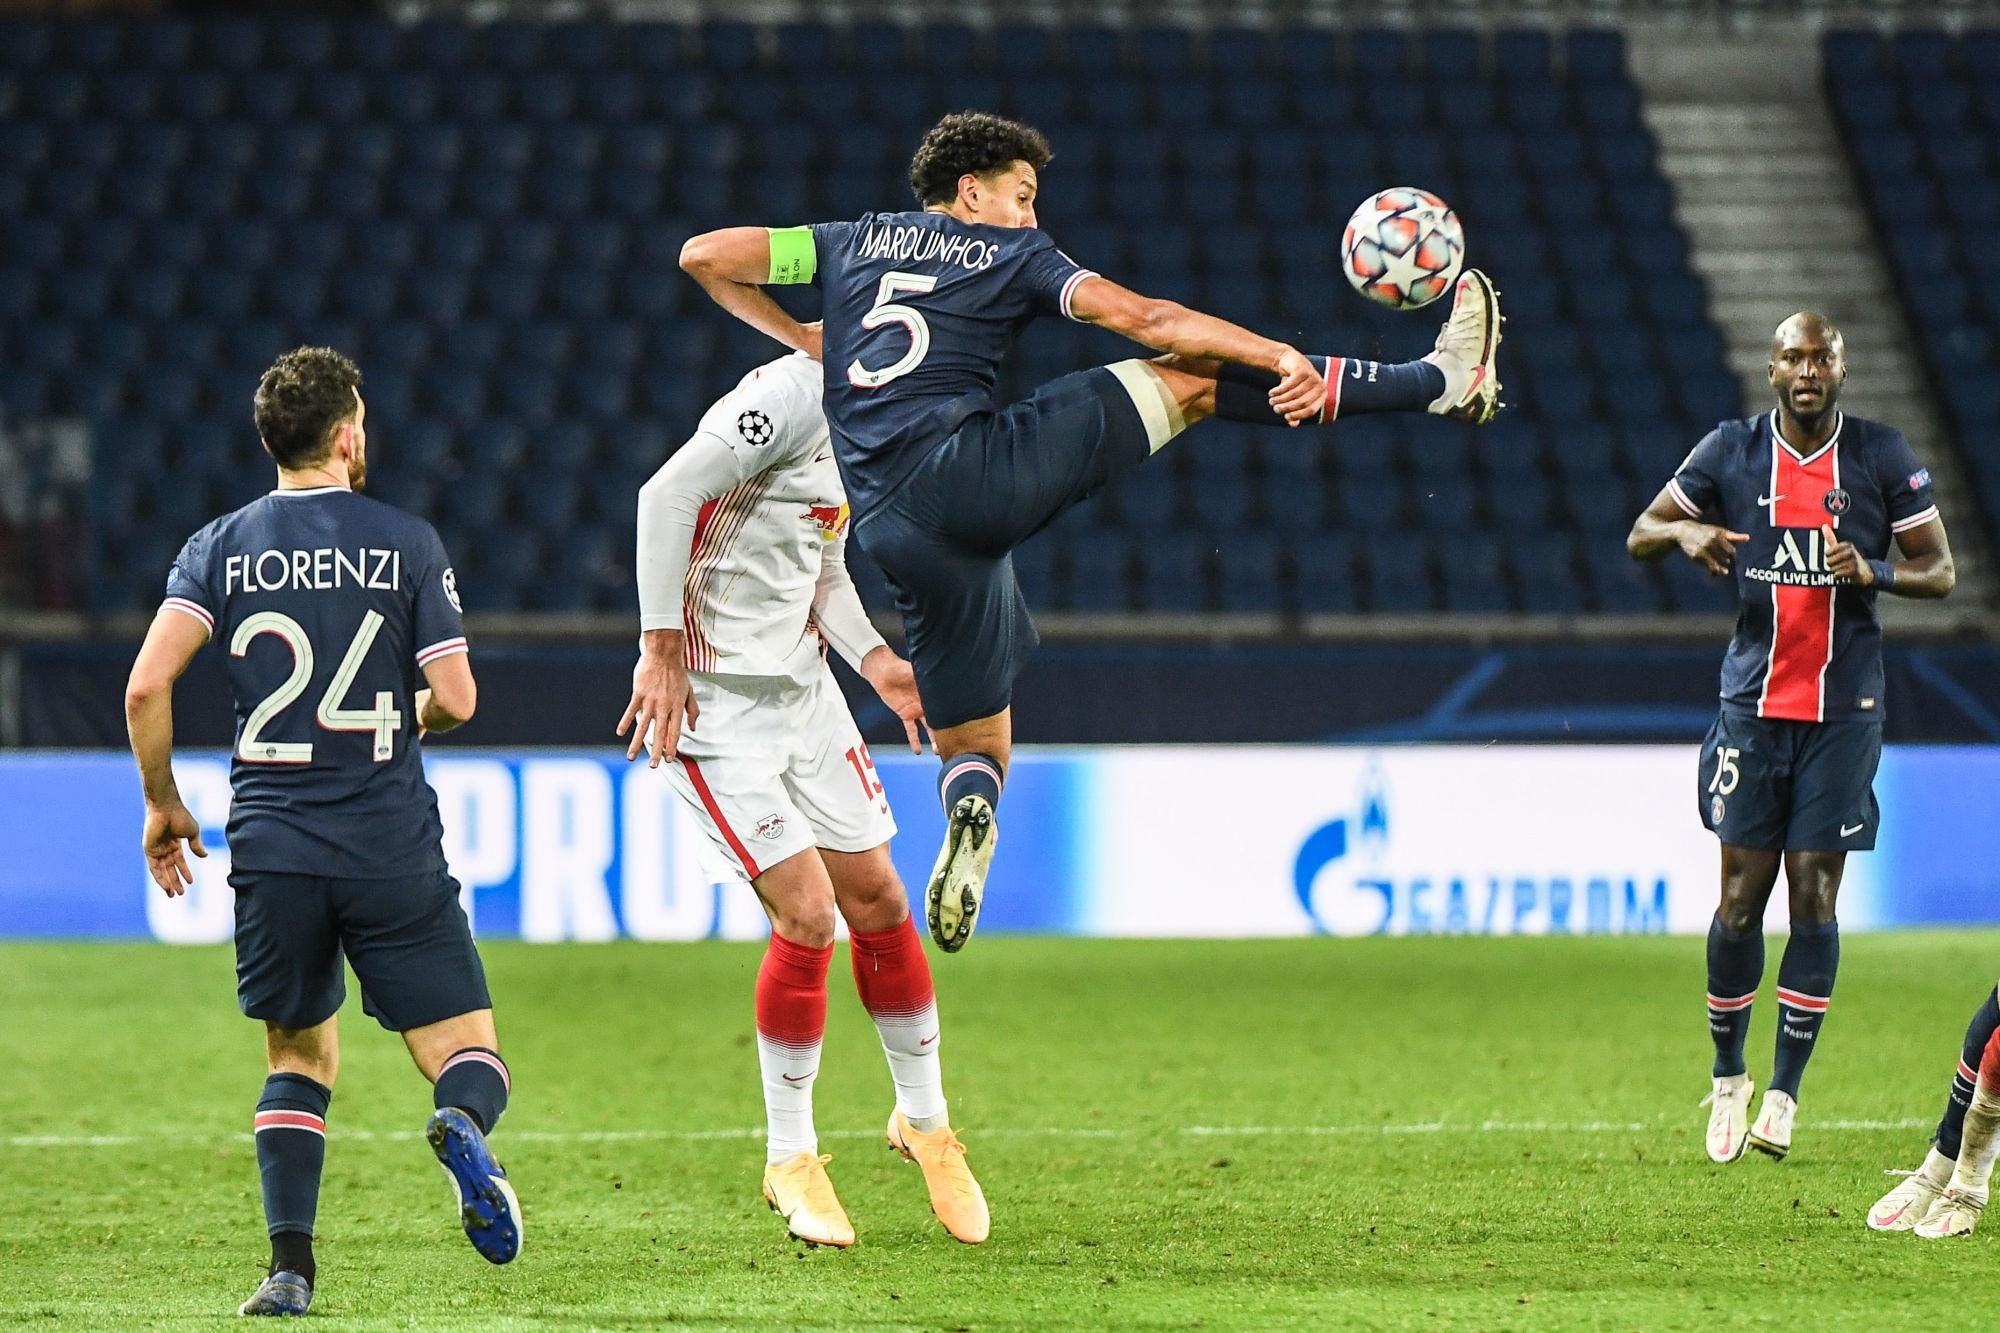 PSG/Leipzig - Marquinhos souligne la victoire et défend son équipe face aux critiques